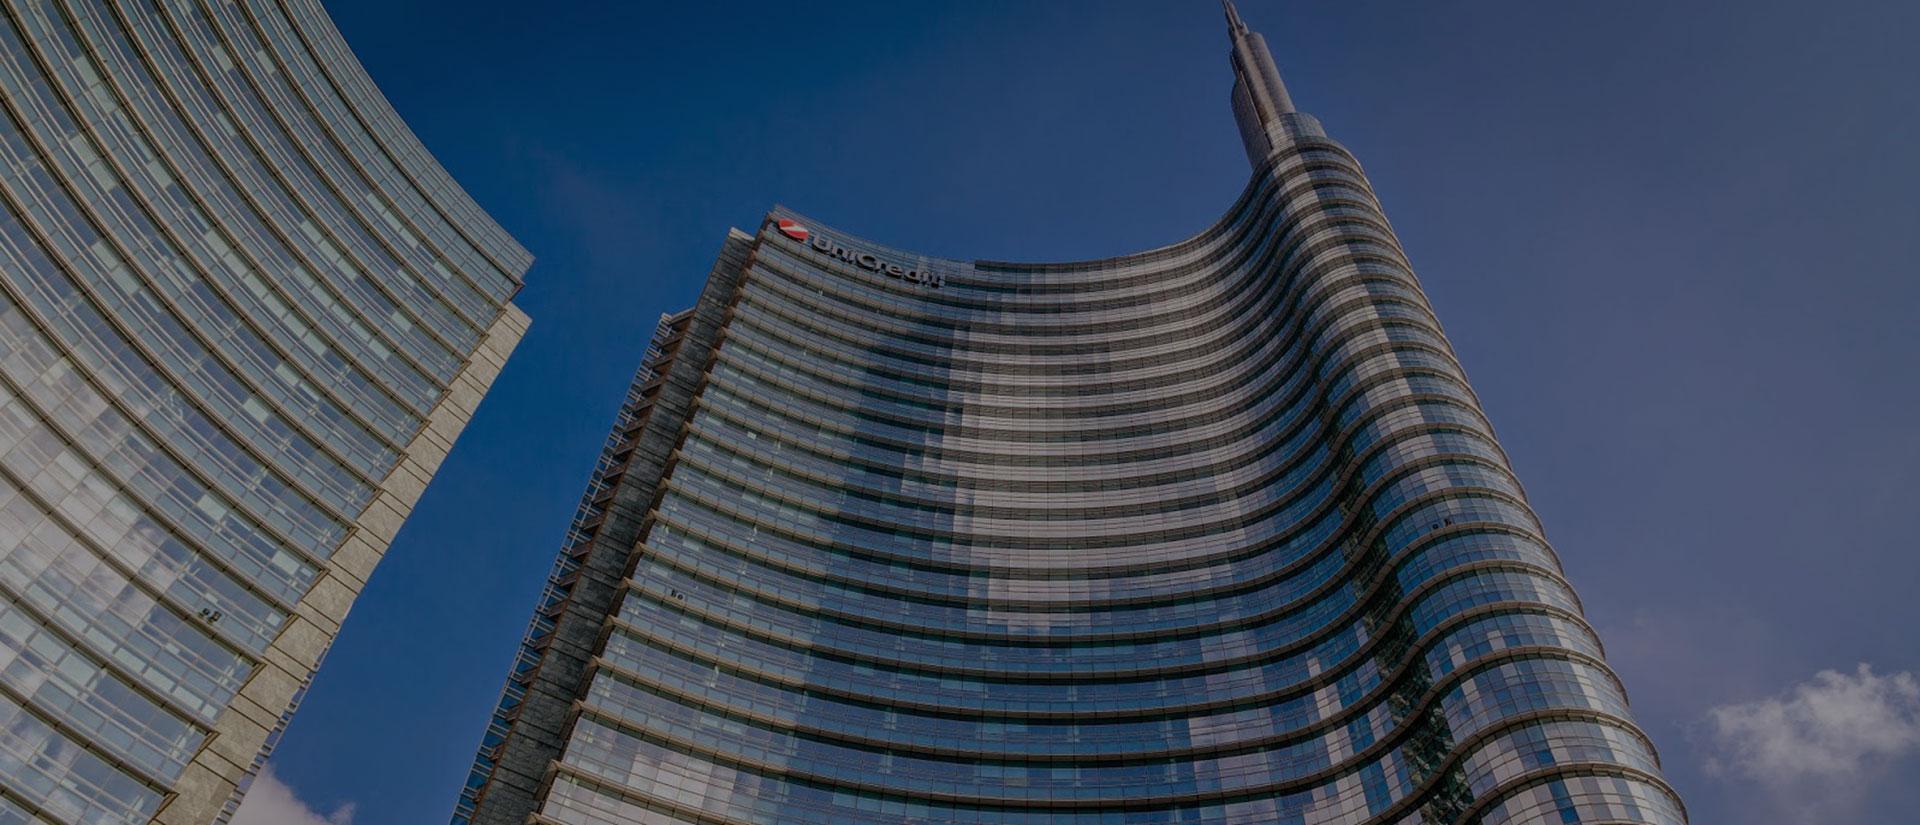 Piazza gae Aulenti centro hotel the best corso como business